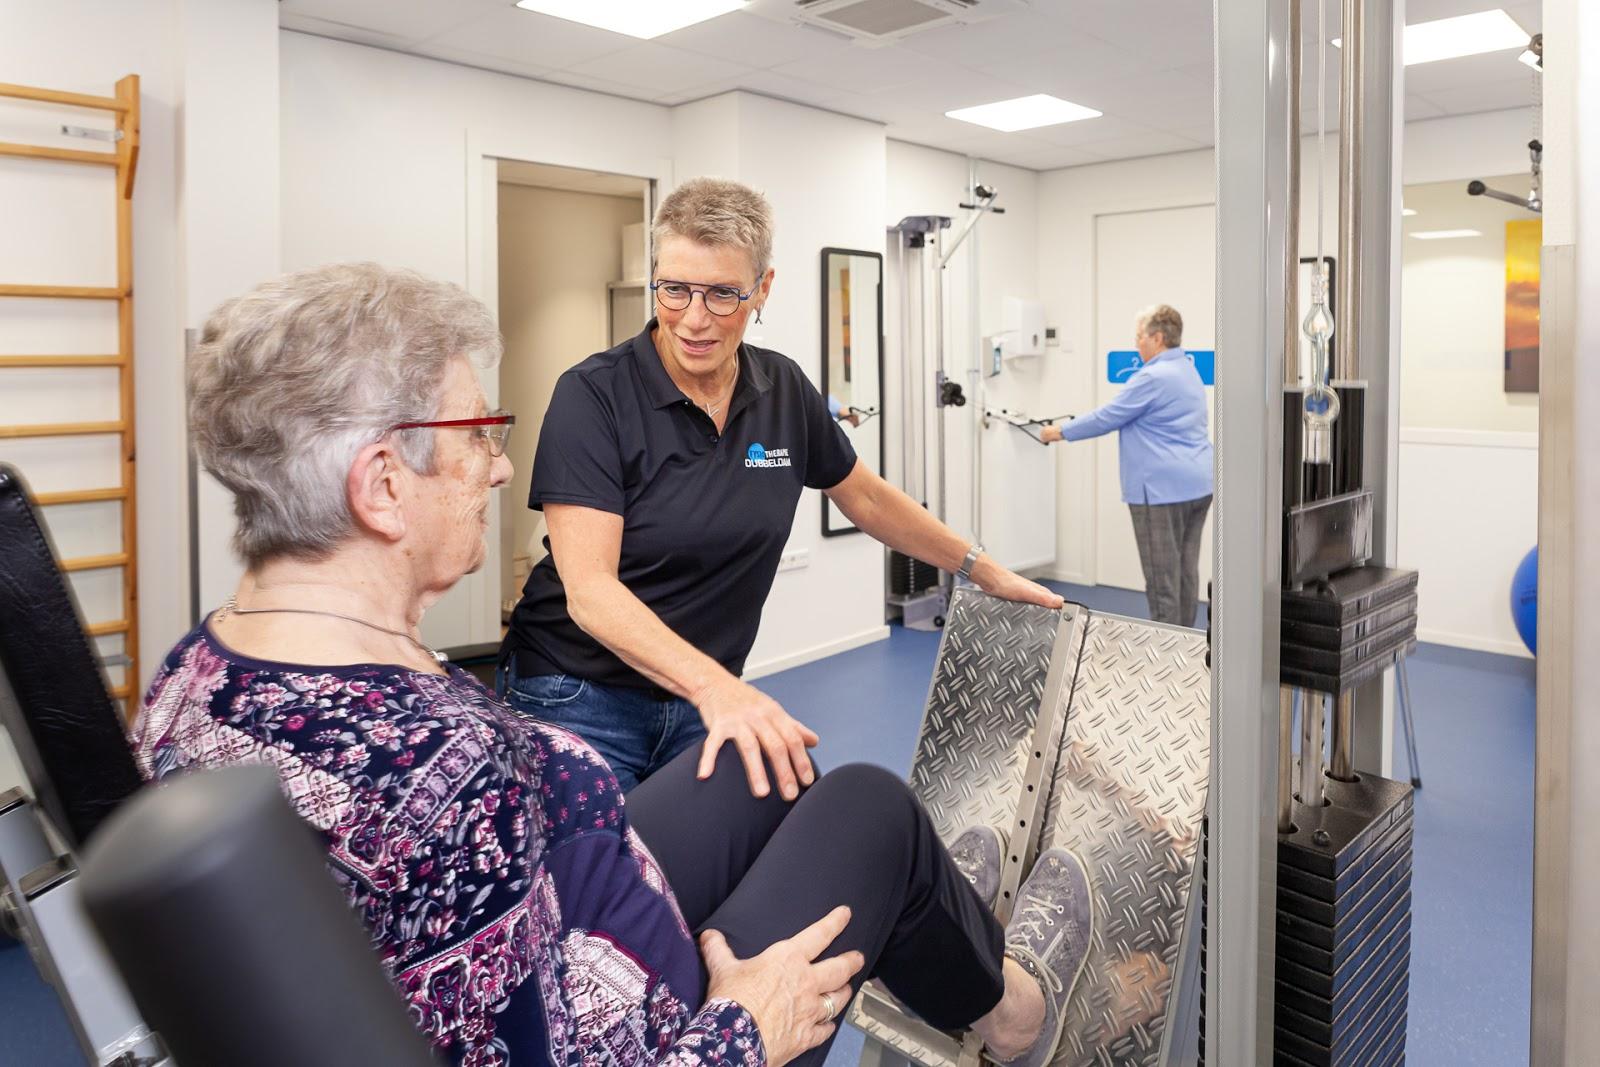 Veilig naar de fysiotherapeut, bij Fysiotherapie Dubbeldam kan het nog steeds!